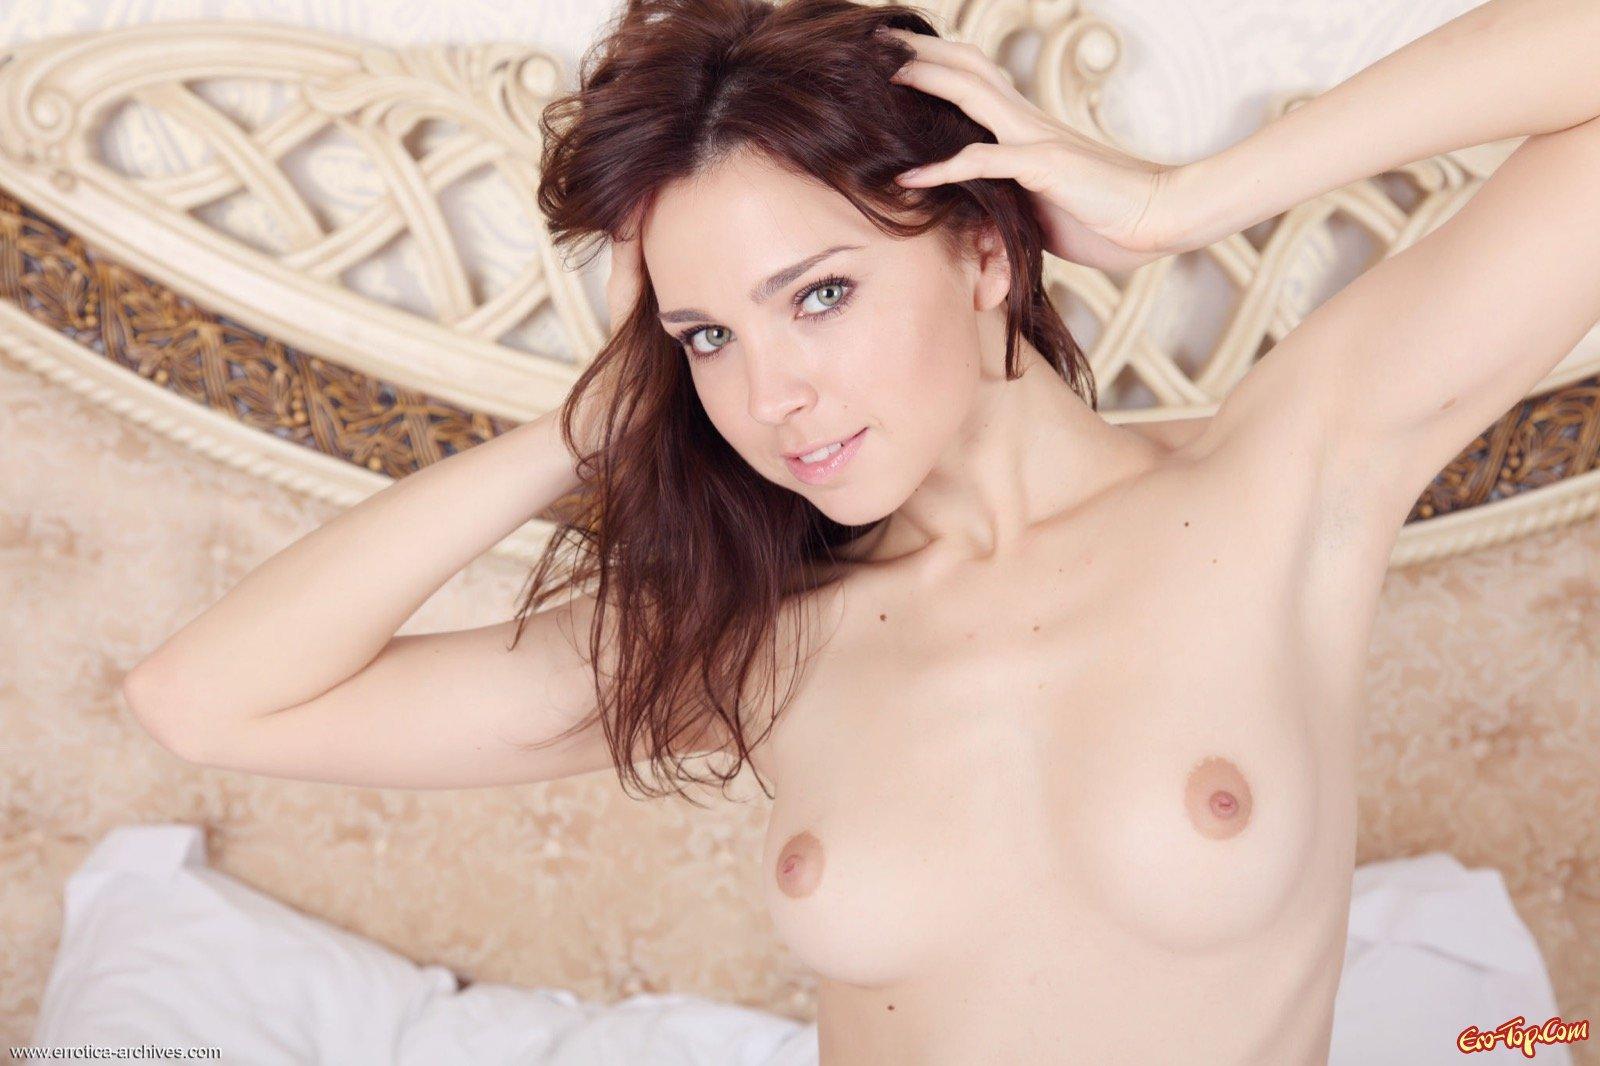 Нагая леди с крохотными сиськами в спальне